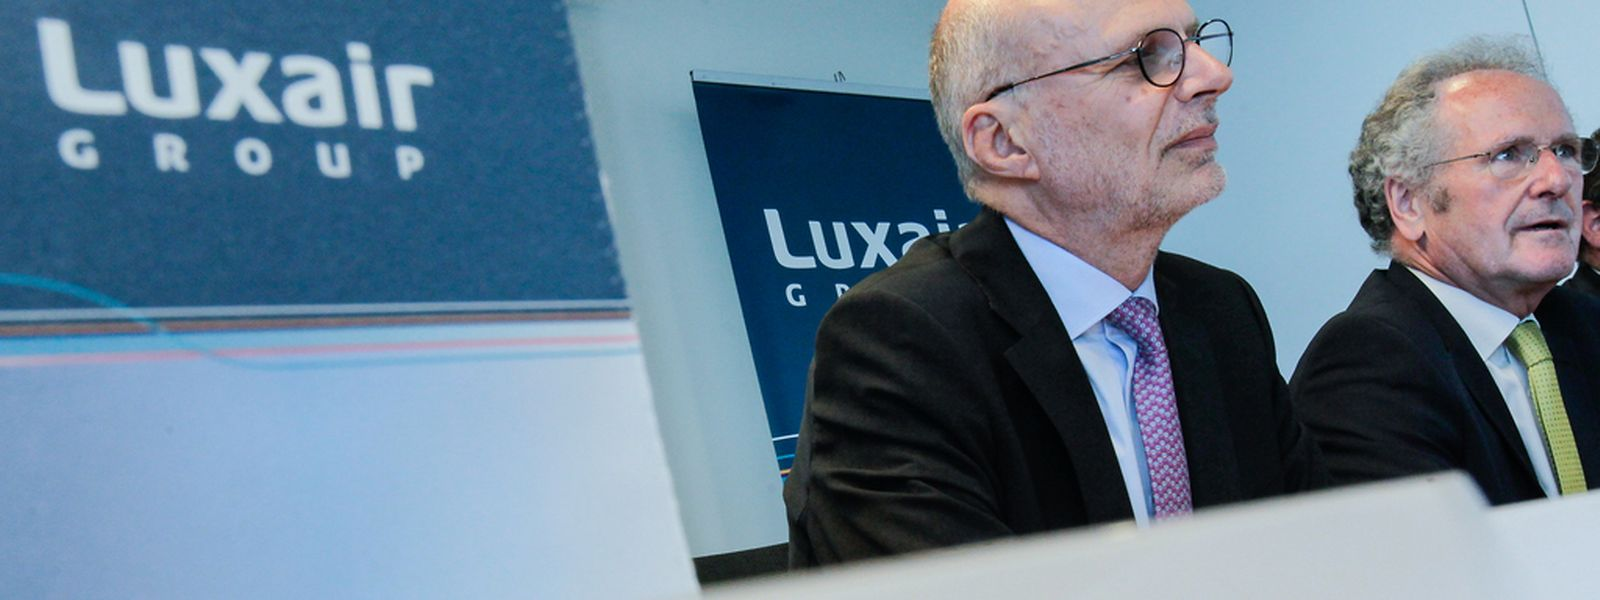 Die Luxair-Direktion bleibt hart in der Sache.